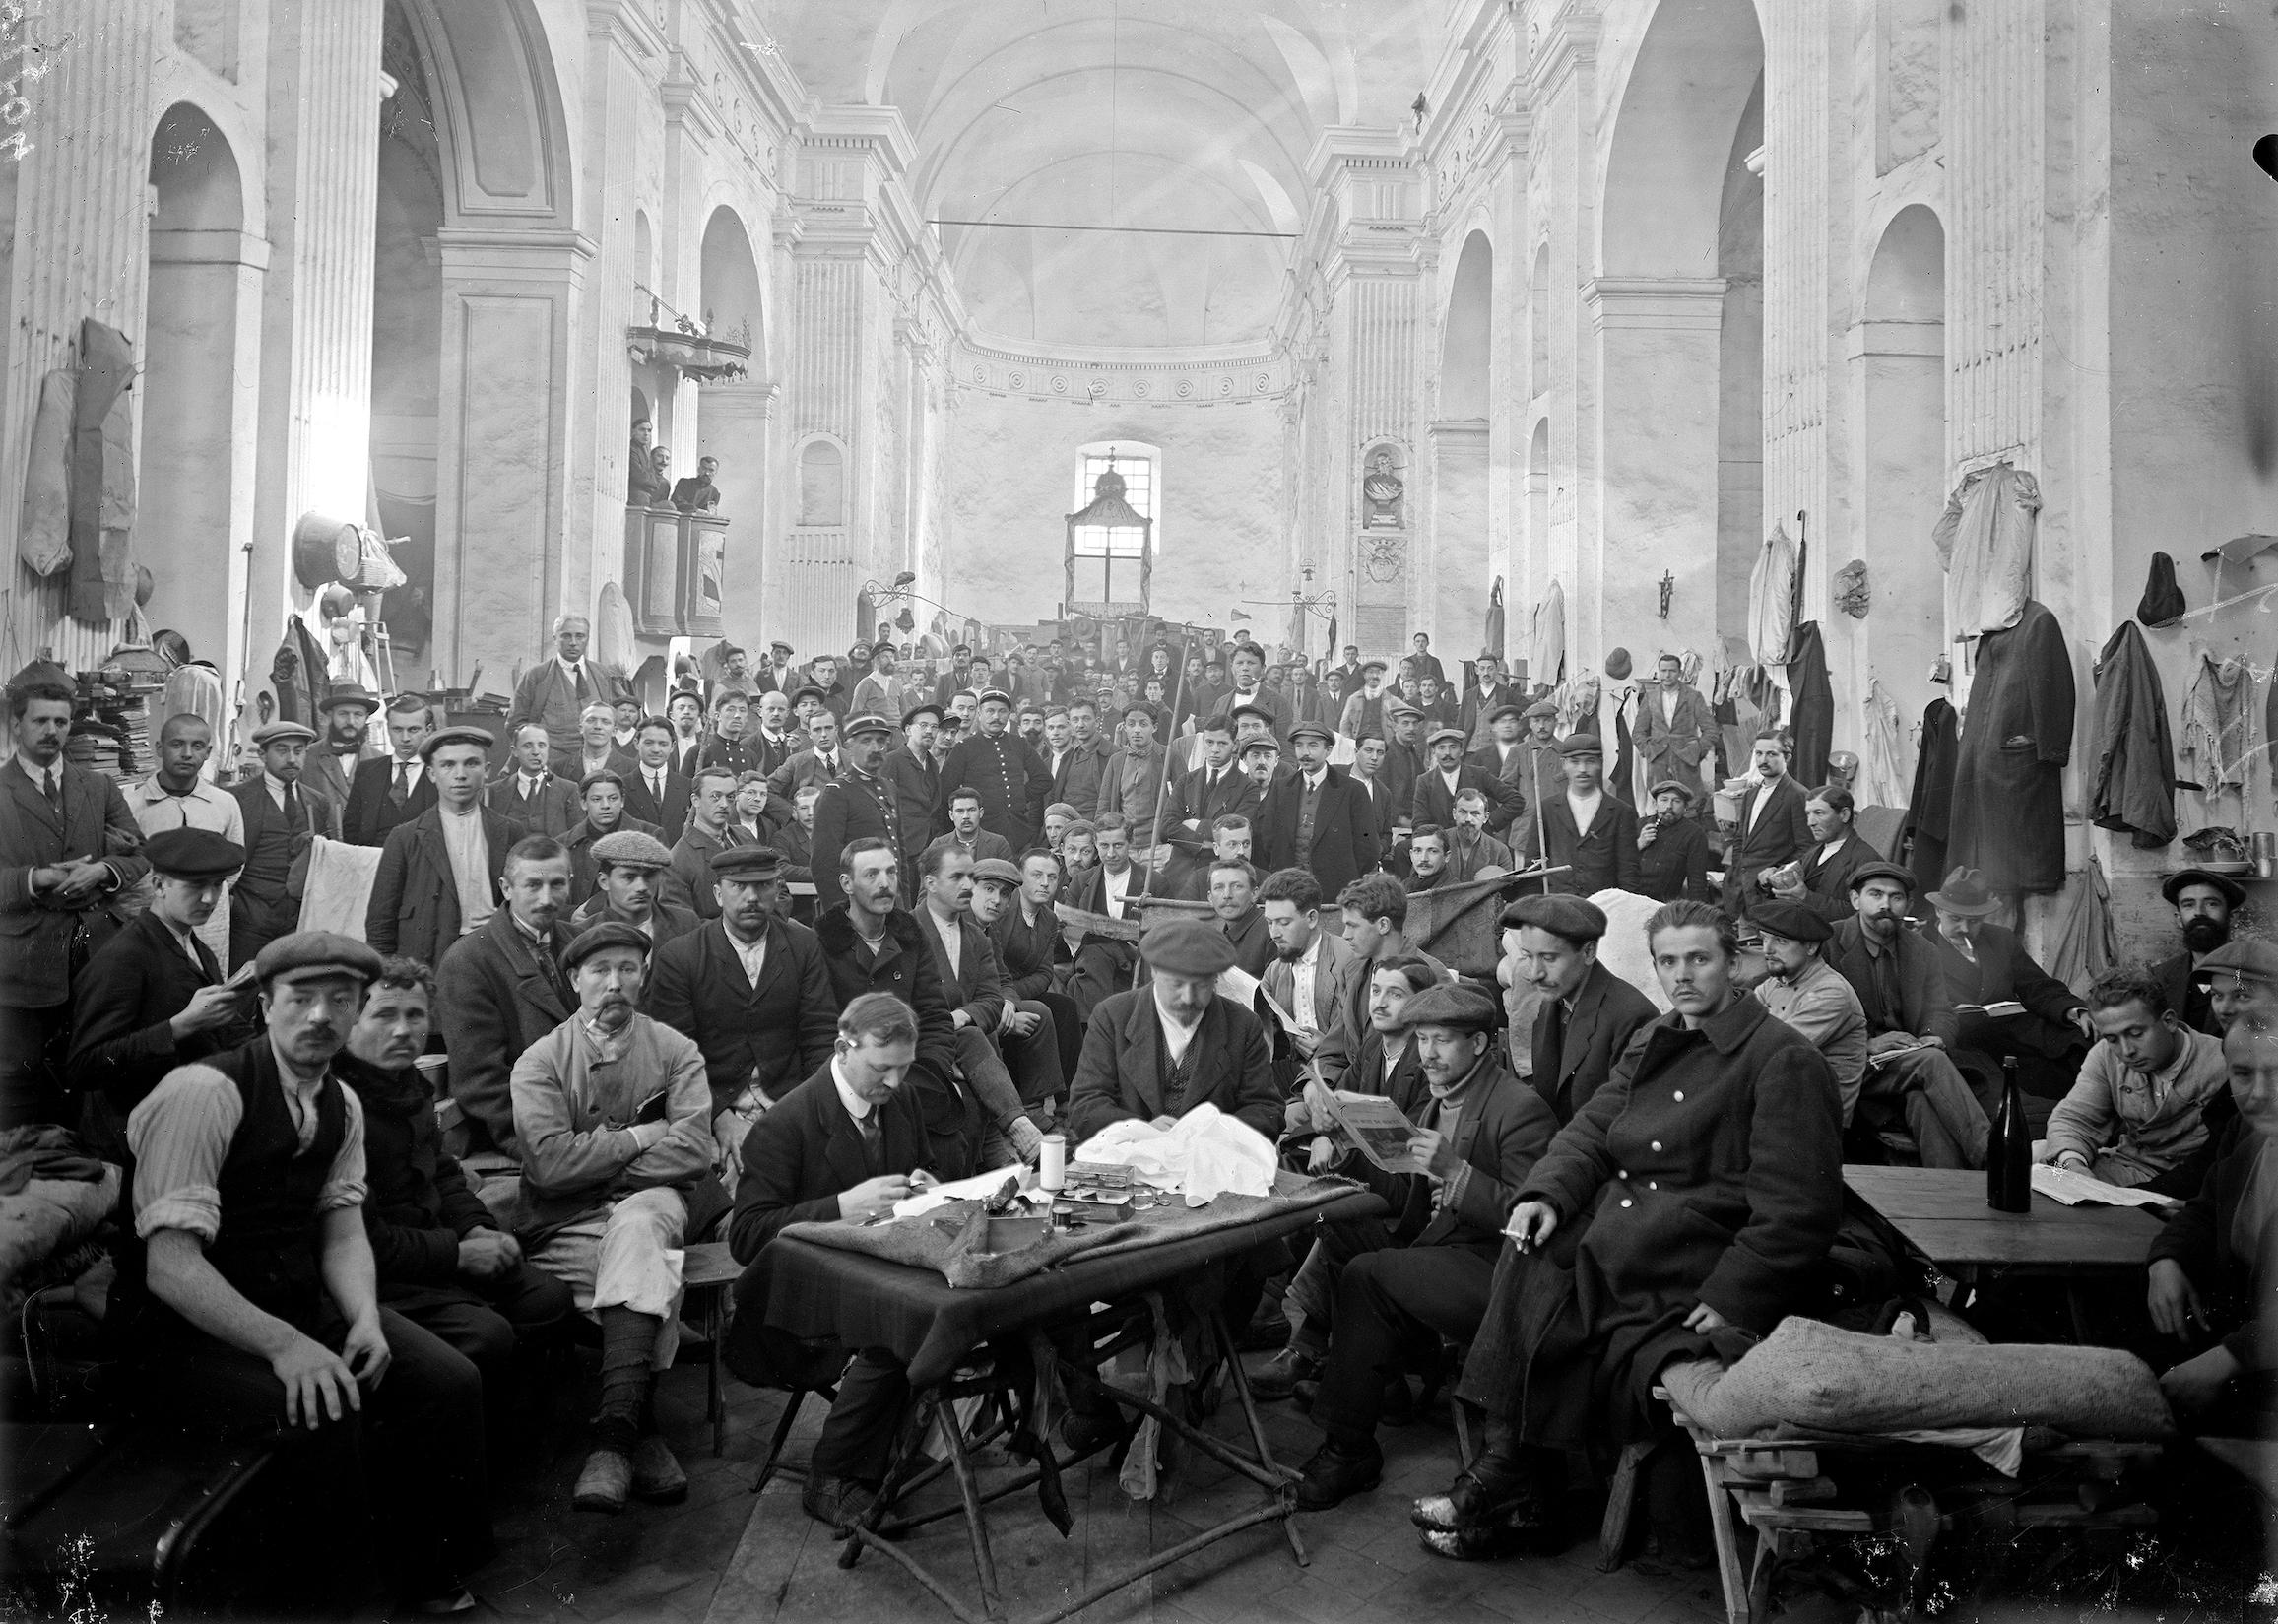 Un rassemblement d'internés dans l'église de l'Annunziata